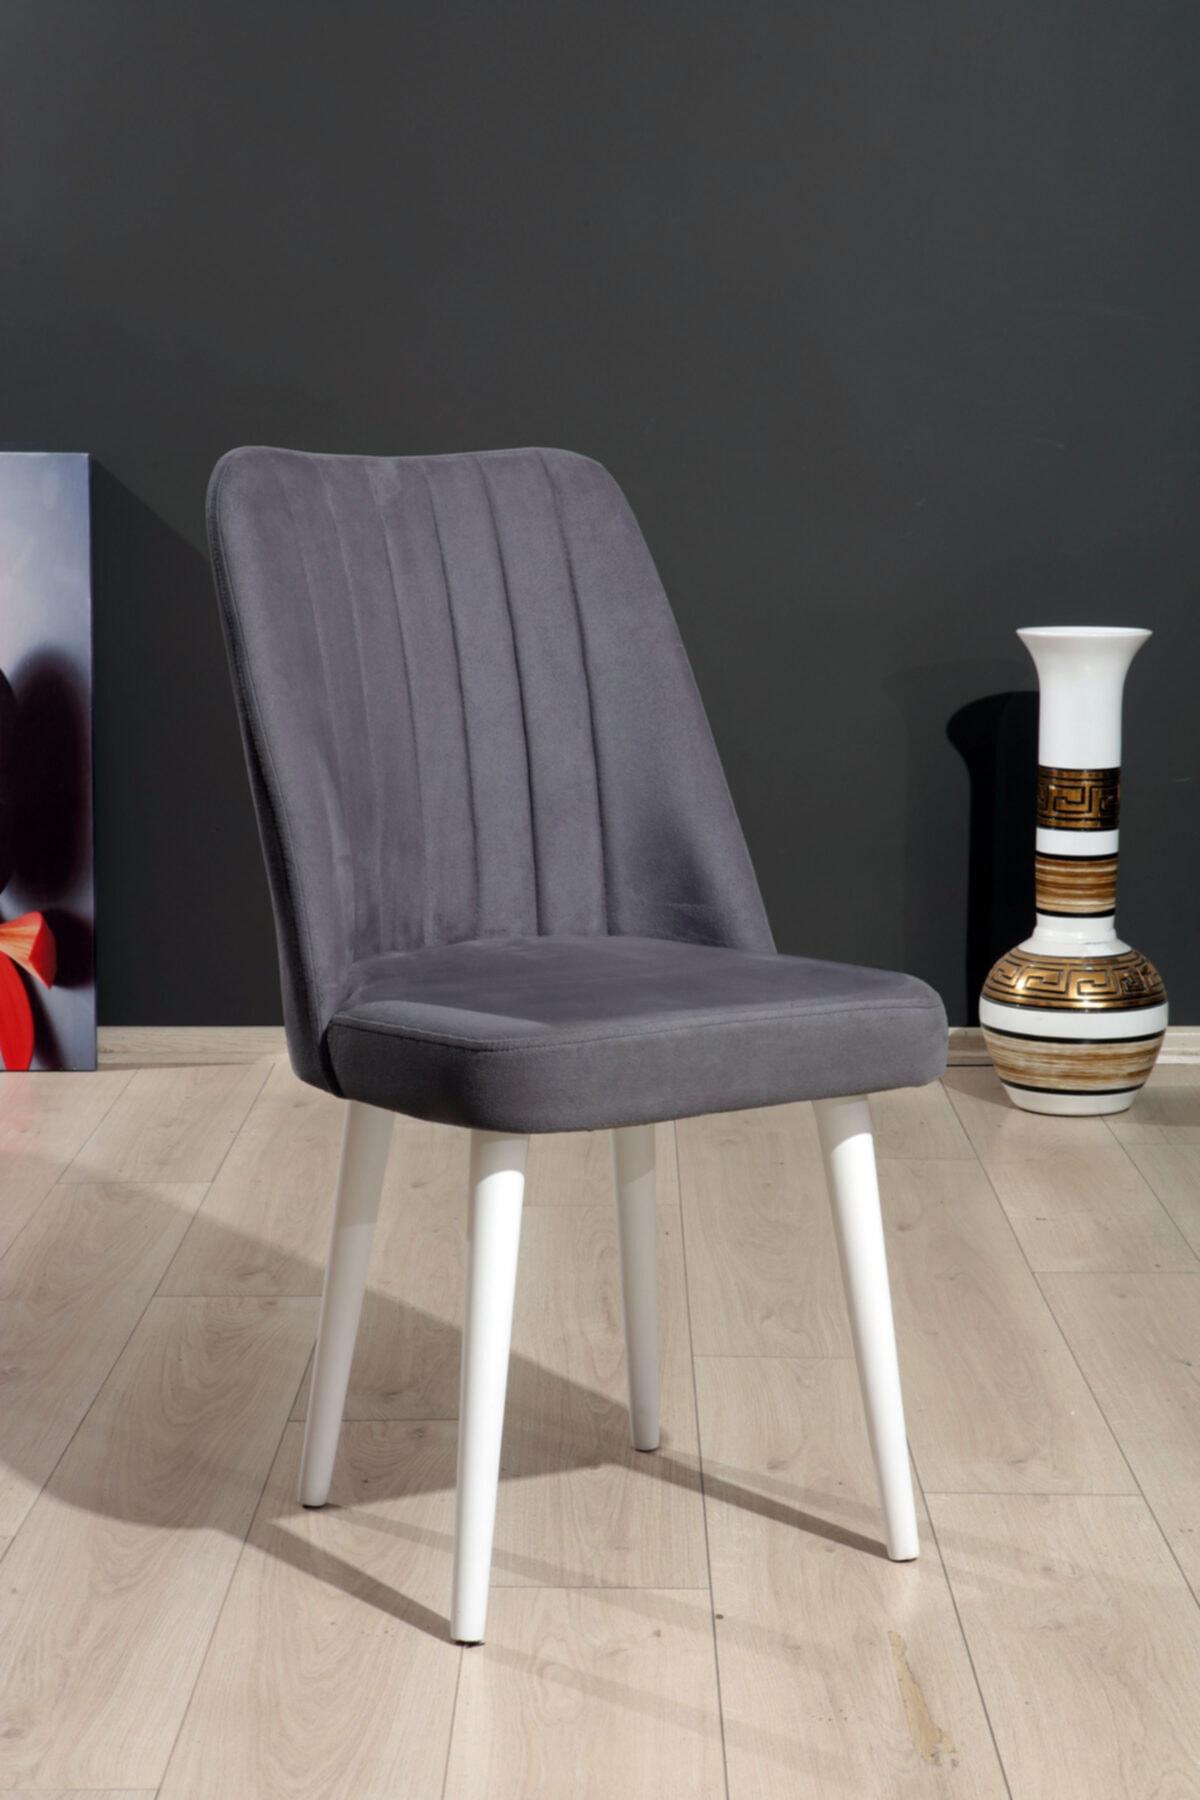 Polo Sandalye Gri Düz Renk Kumaş - Ahşap Beyaz Ayaklı